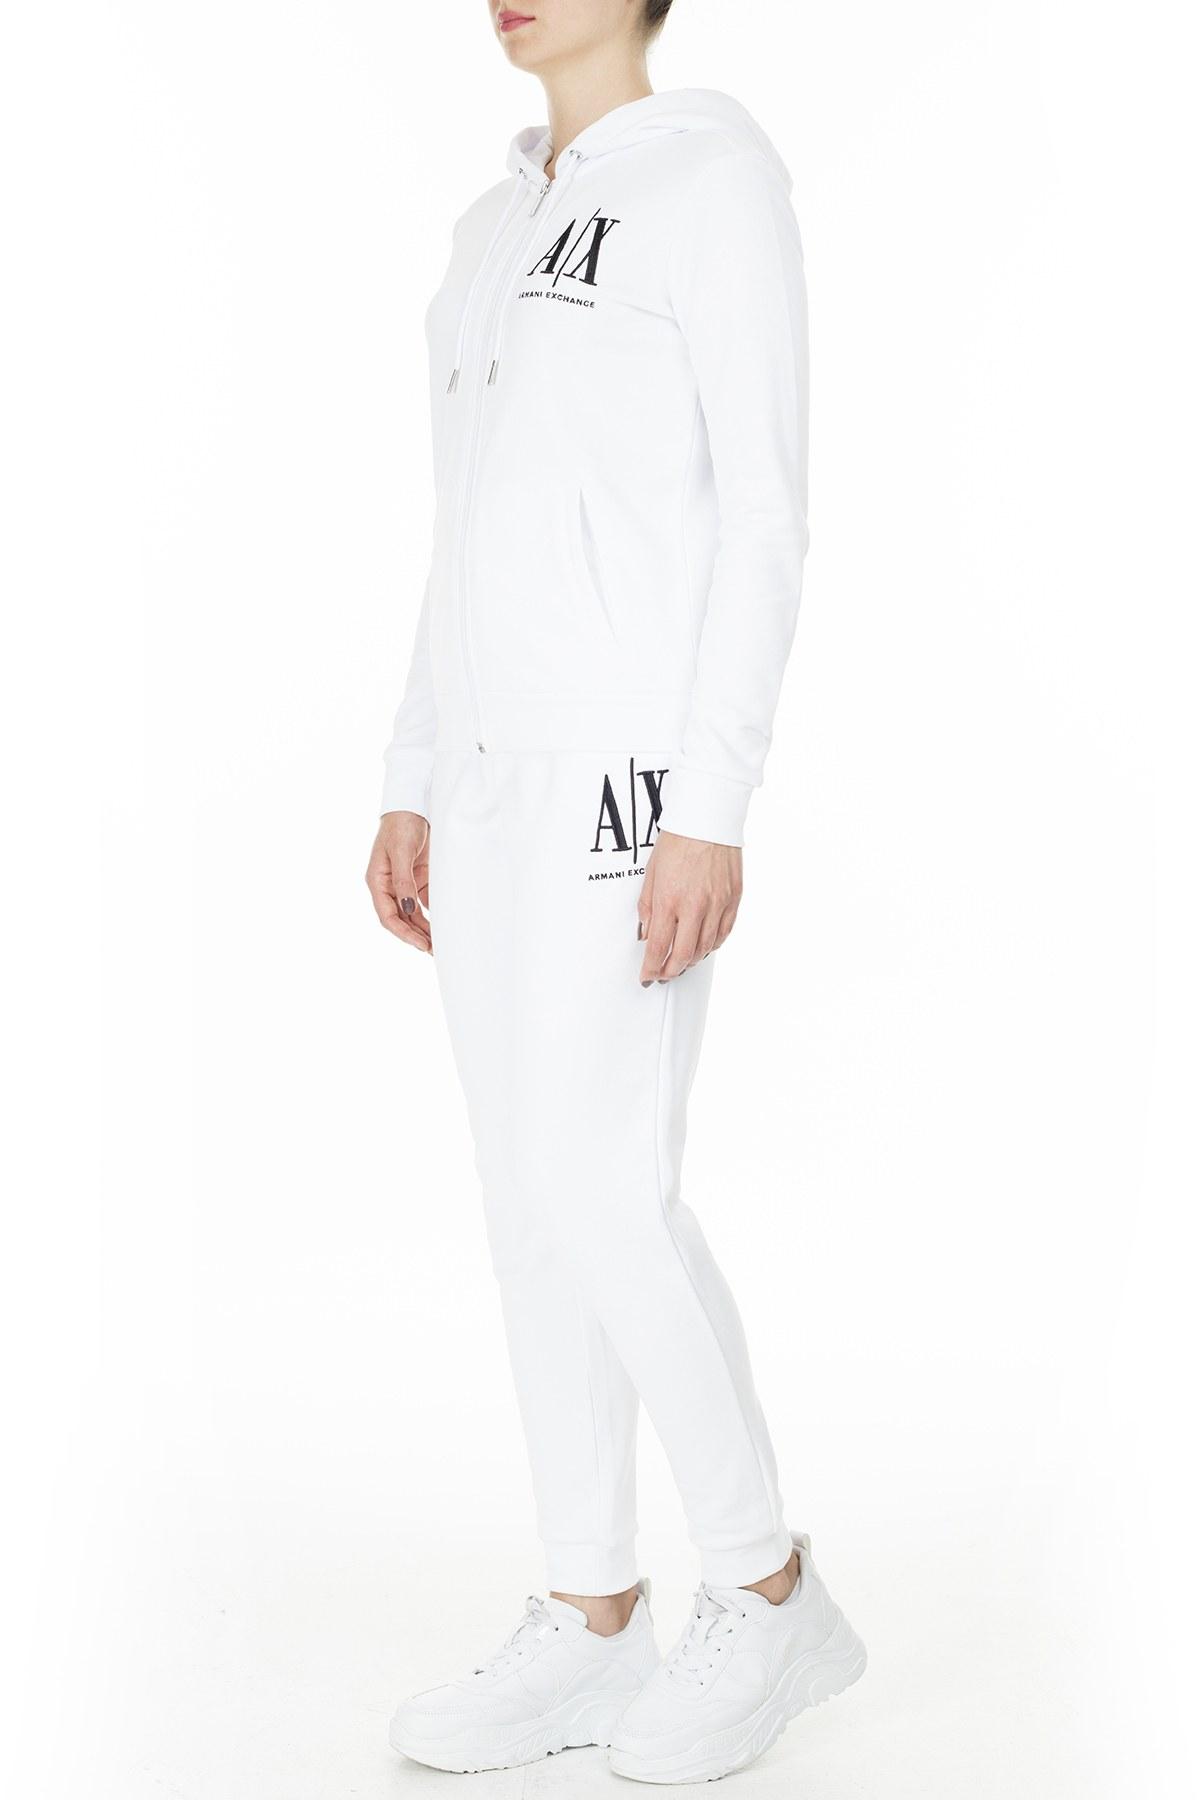 Armani Exchange Eşofman Altı Bayan Pantolon 8NYPCX YJ68Z 1000 BEYAZ